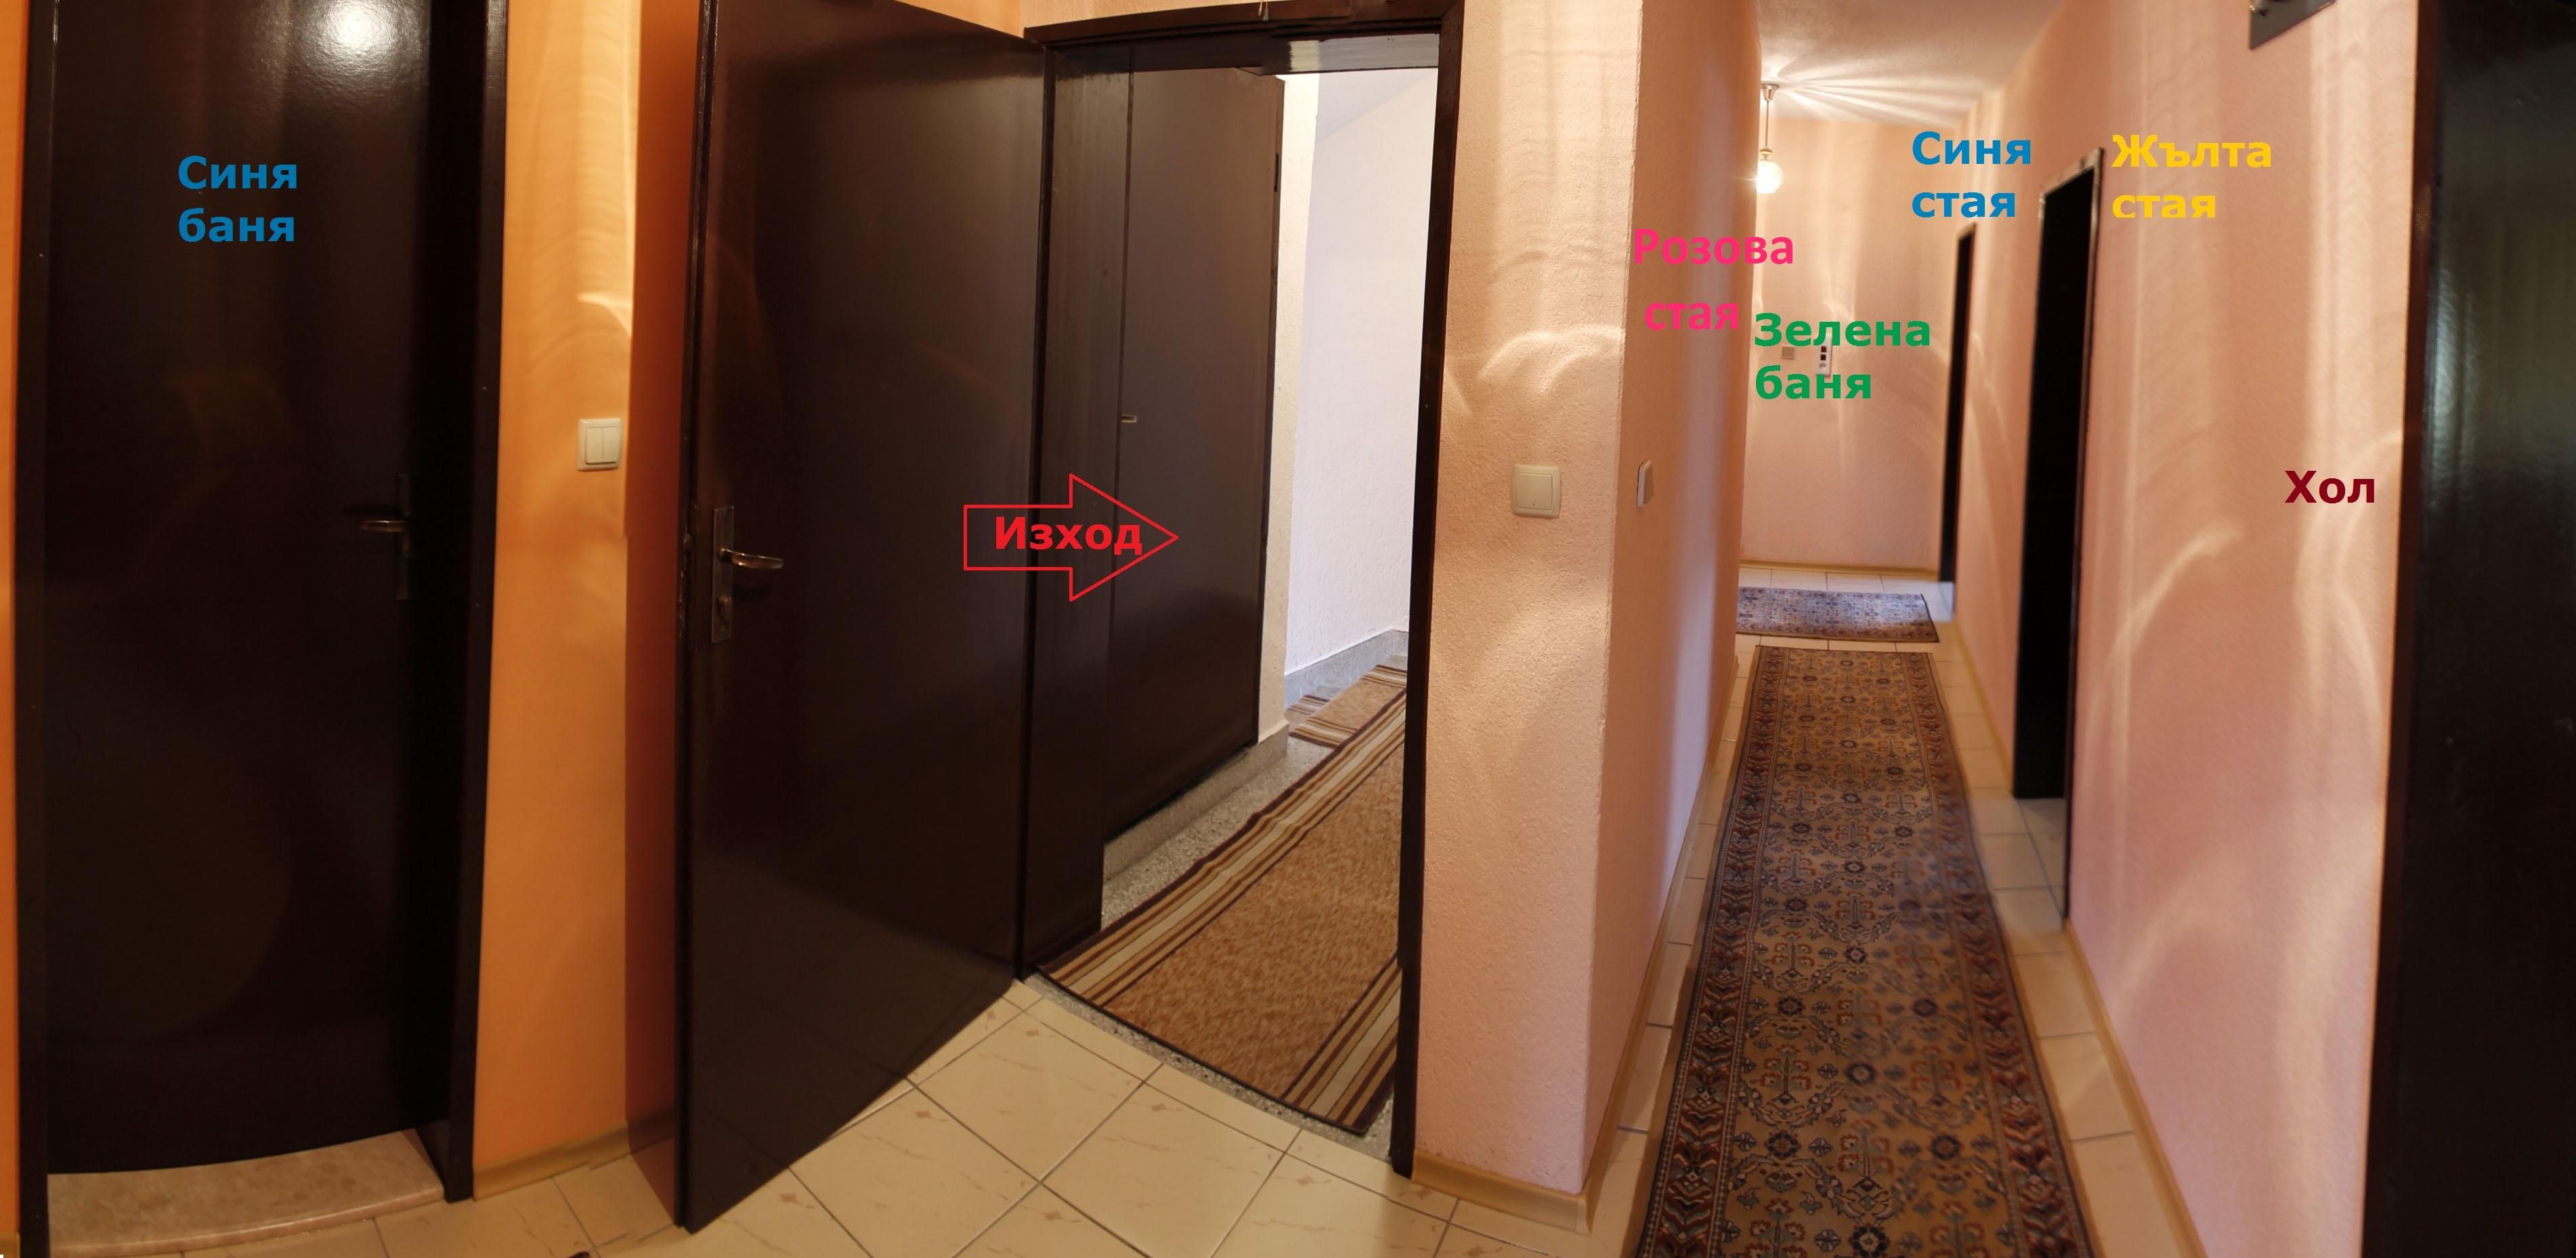 Къща за гости Златоград коридор 1.2